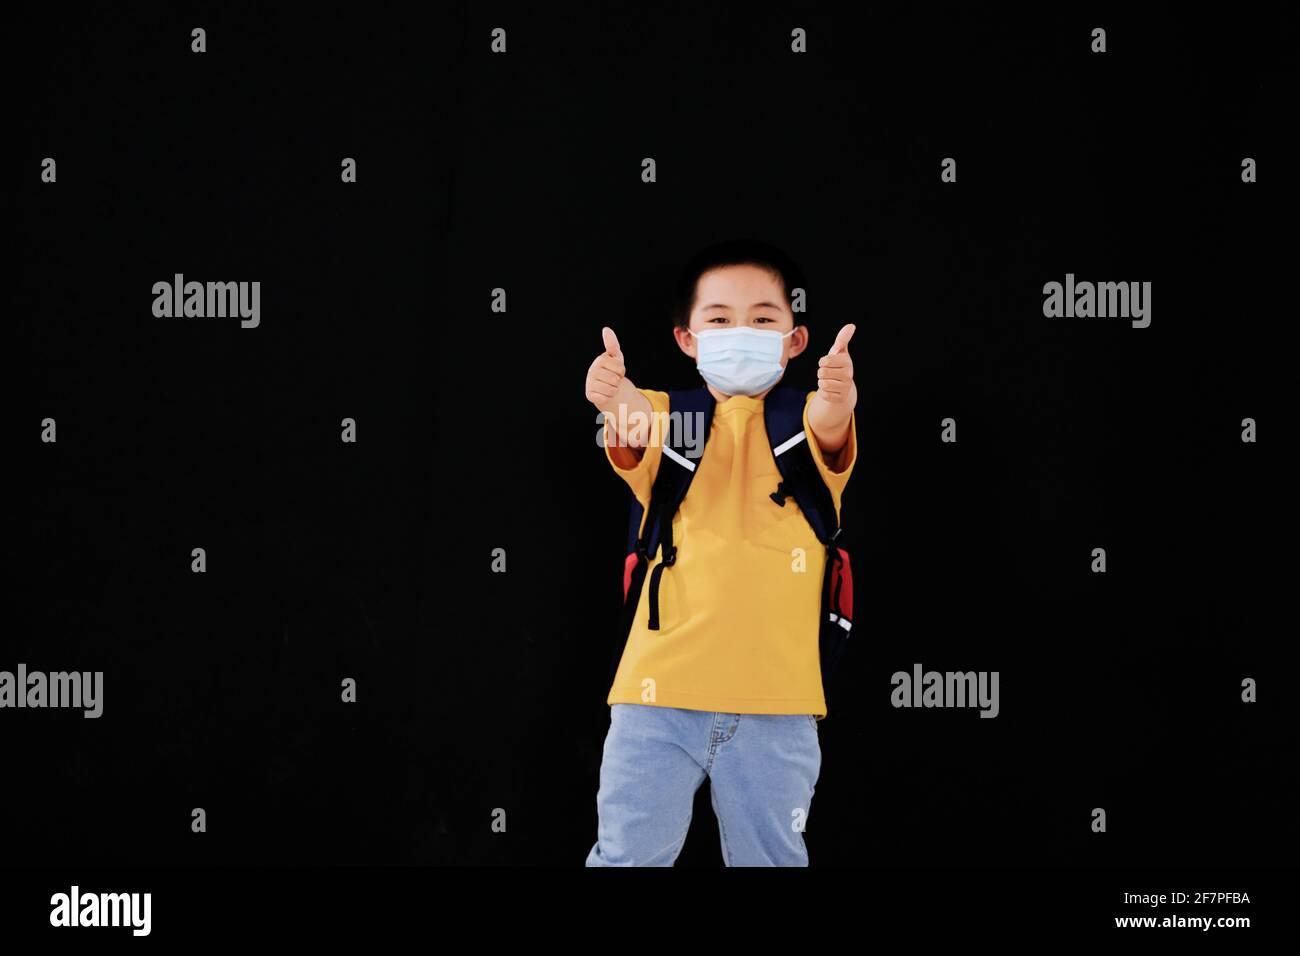 Un petit garçon avec un masque a tenu son pouce debout Banque D'Images